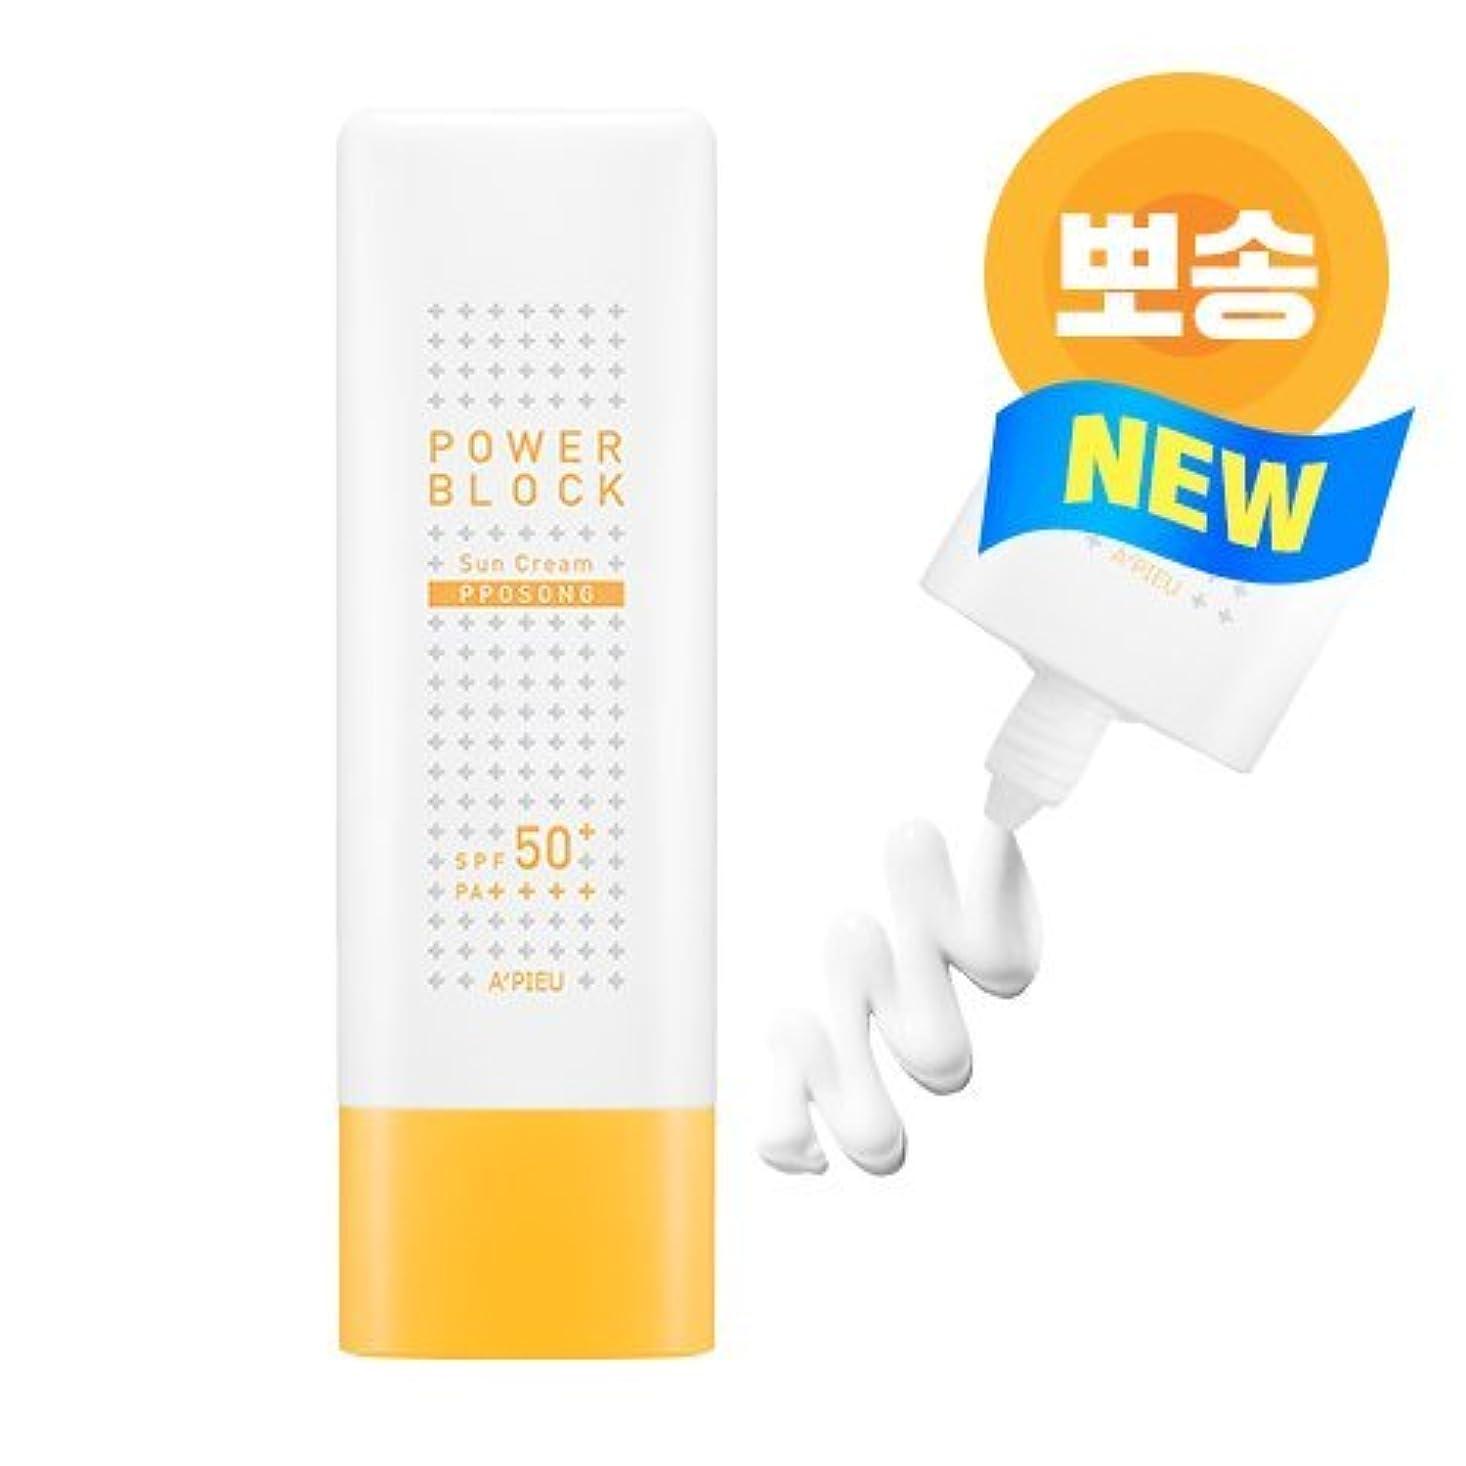 従う悔い改めるくつろぐA'PIEU Power Block Sun Cream PPOSONG SPF50+ PA++++ [オピュ/アピュ] パワーブロックサラサラ日焼け止め [並行輸入品]